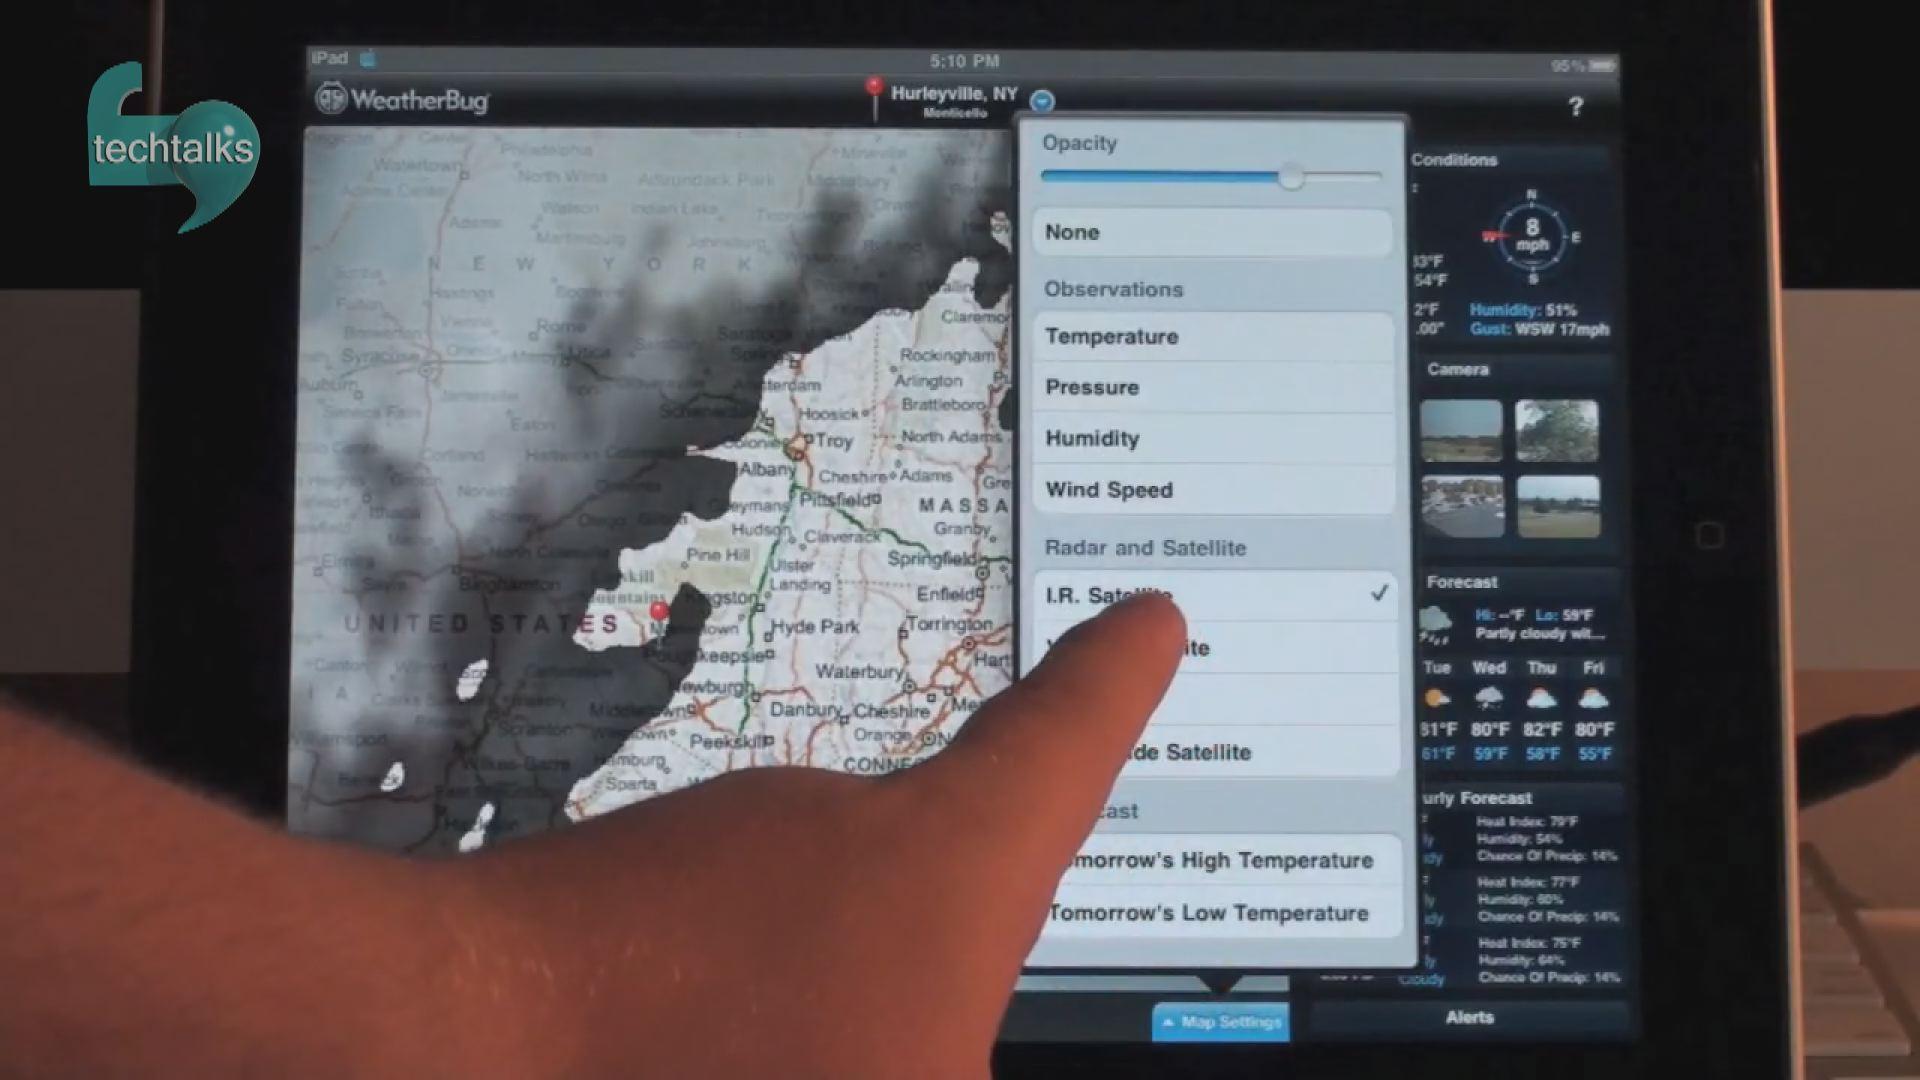 اپلیکیشن اطلاعات آب و هوا WeatherBug   – تک تاکس – اولین رسانه تصویری فناوری اطلاعات و ارتباطات ایران